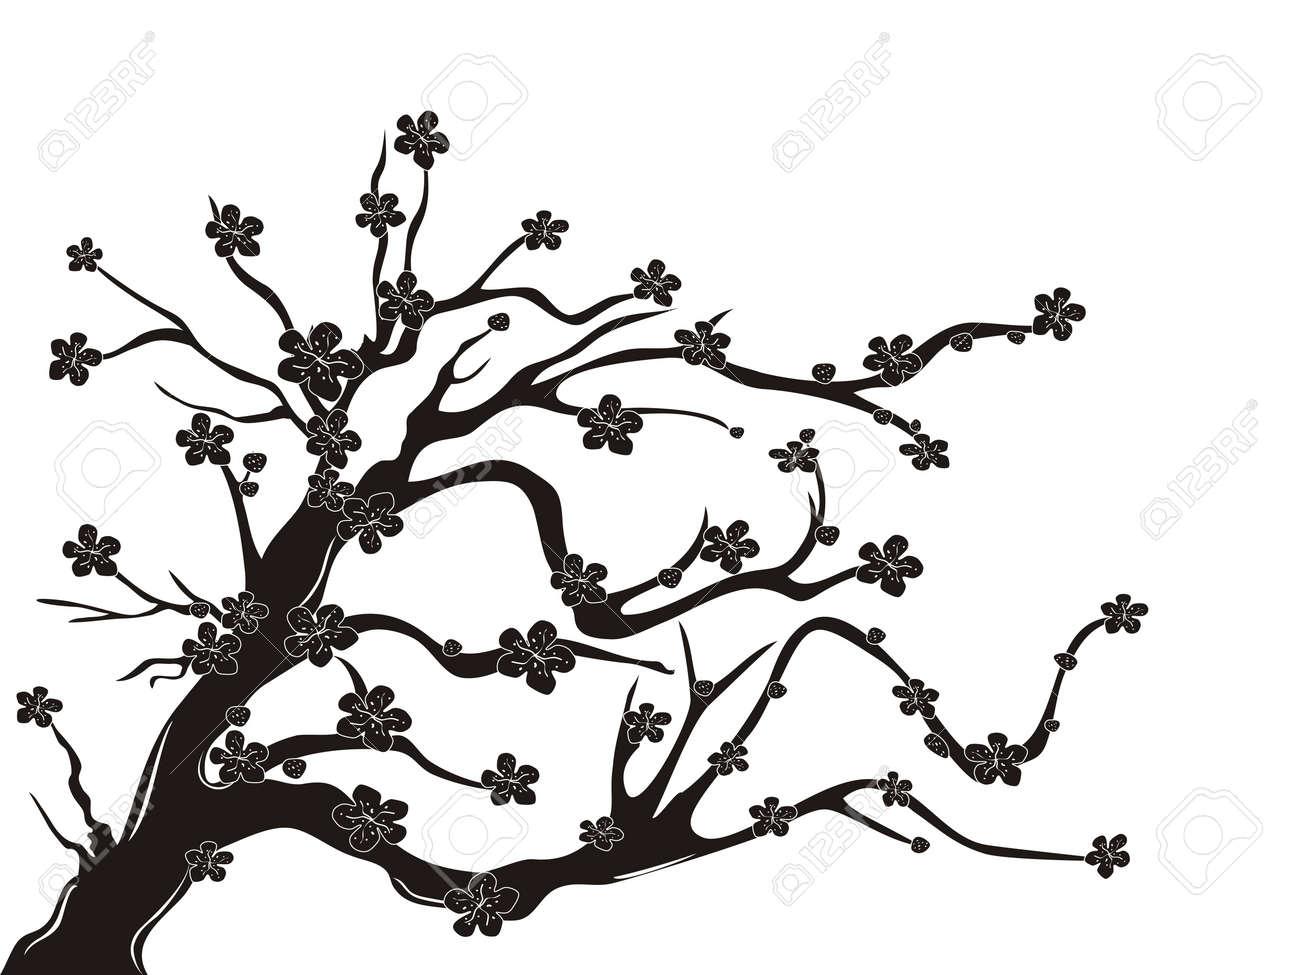 La Silueta Del árbol De Cerezo Sobre Fondo Blanco Ilustraciones